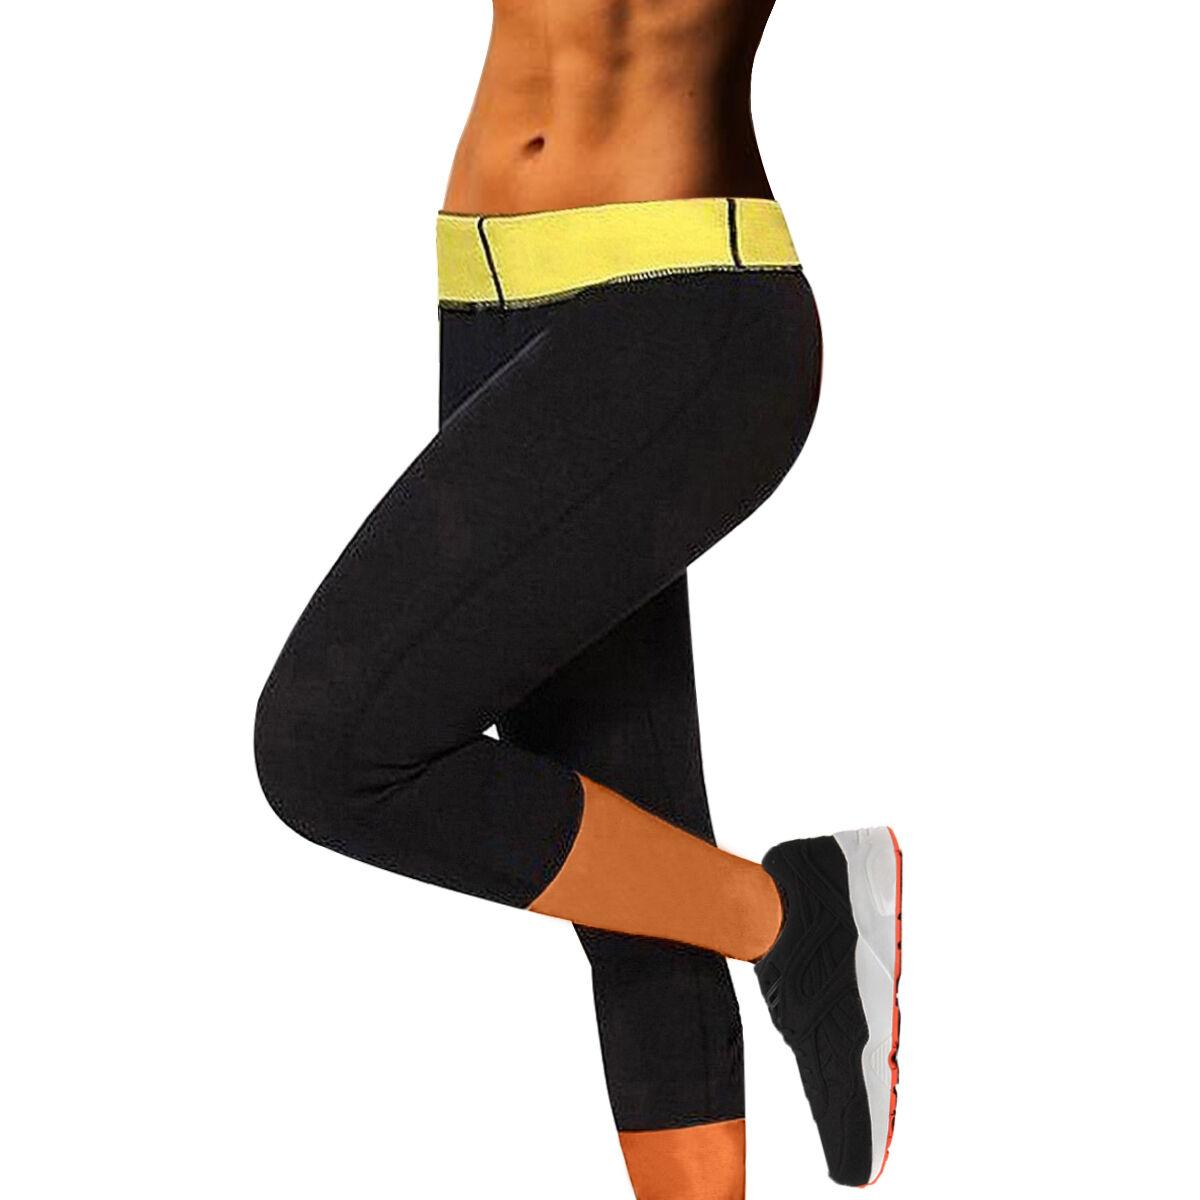 Women's Slimming Pants Hot Thermo Neoprene Sweat Sauna Body